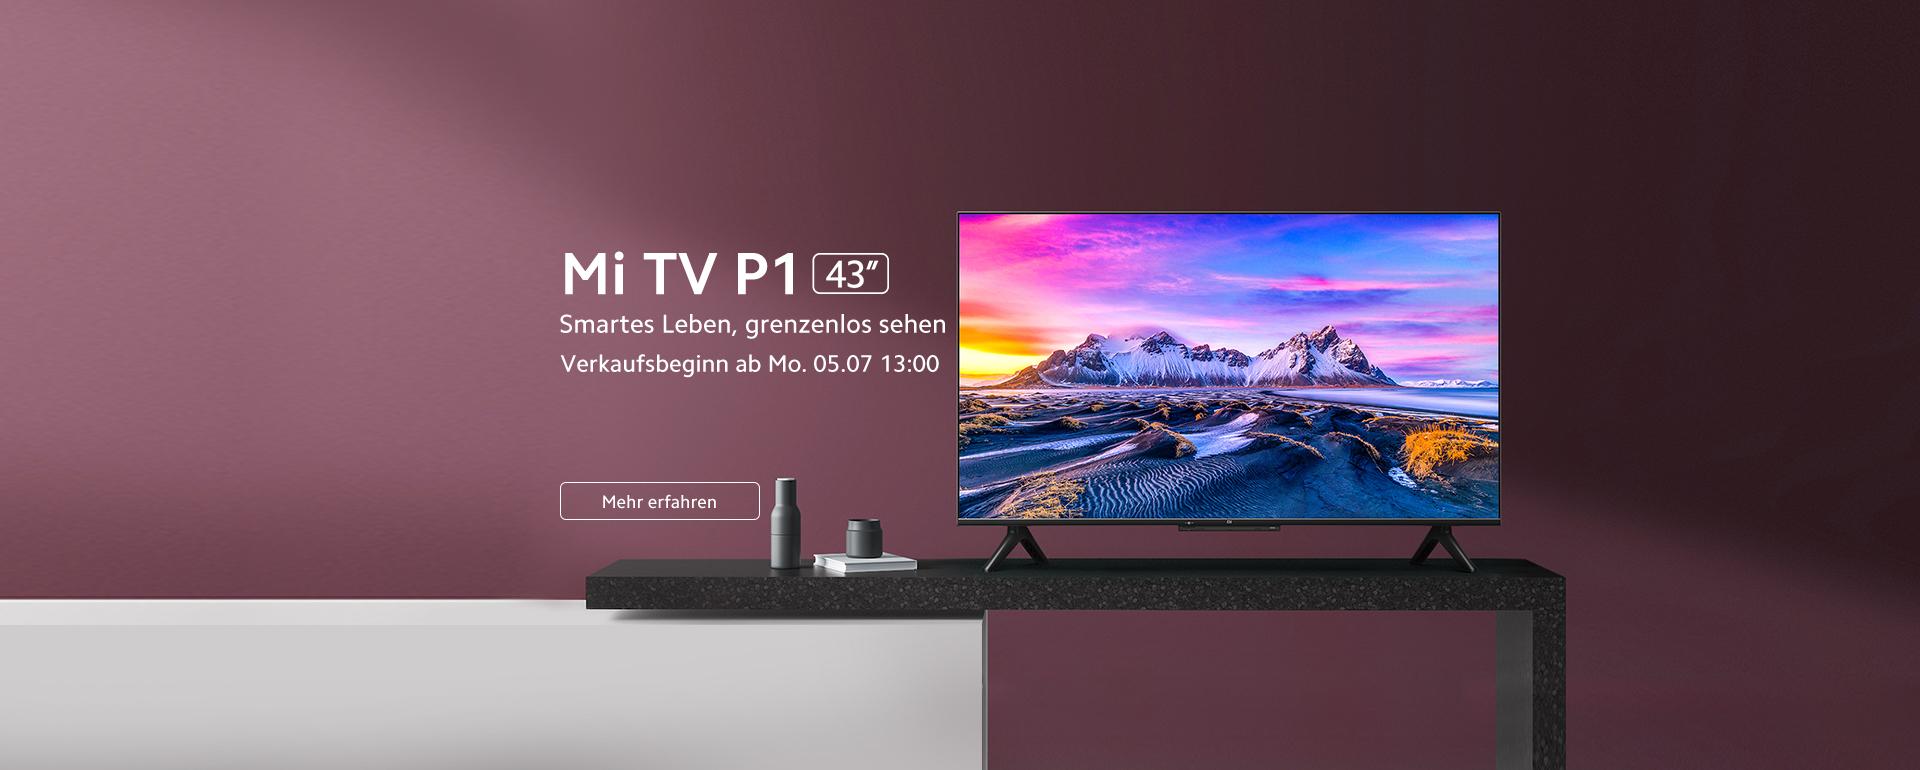 MI TV P1 43''